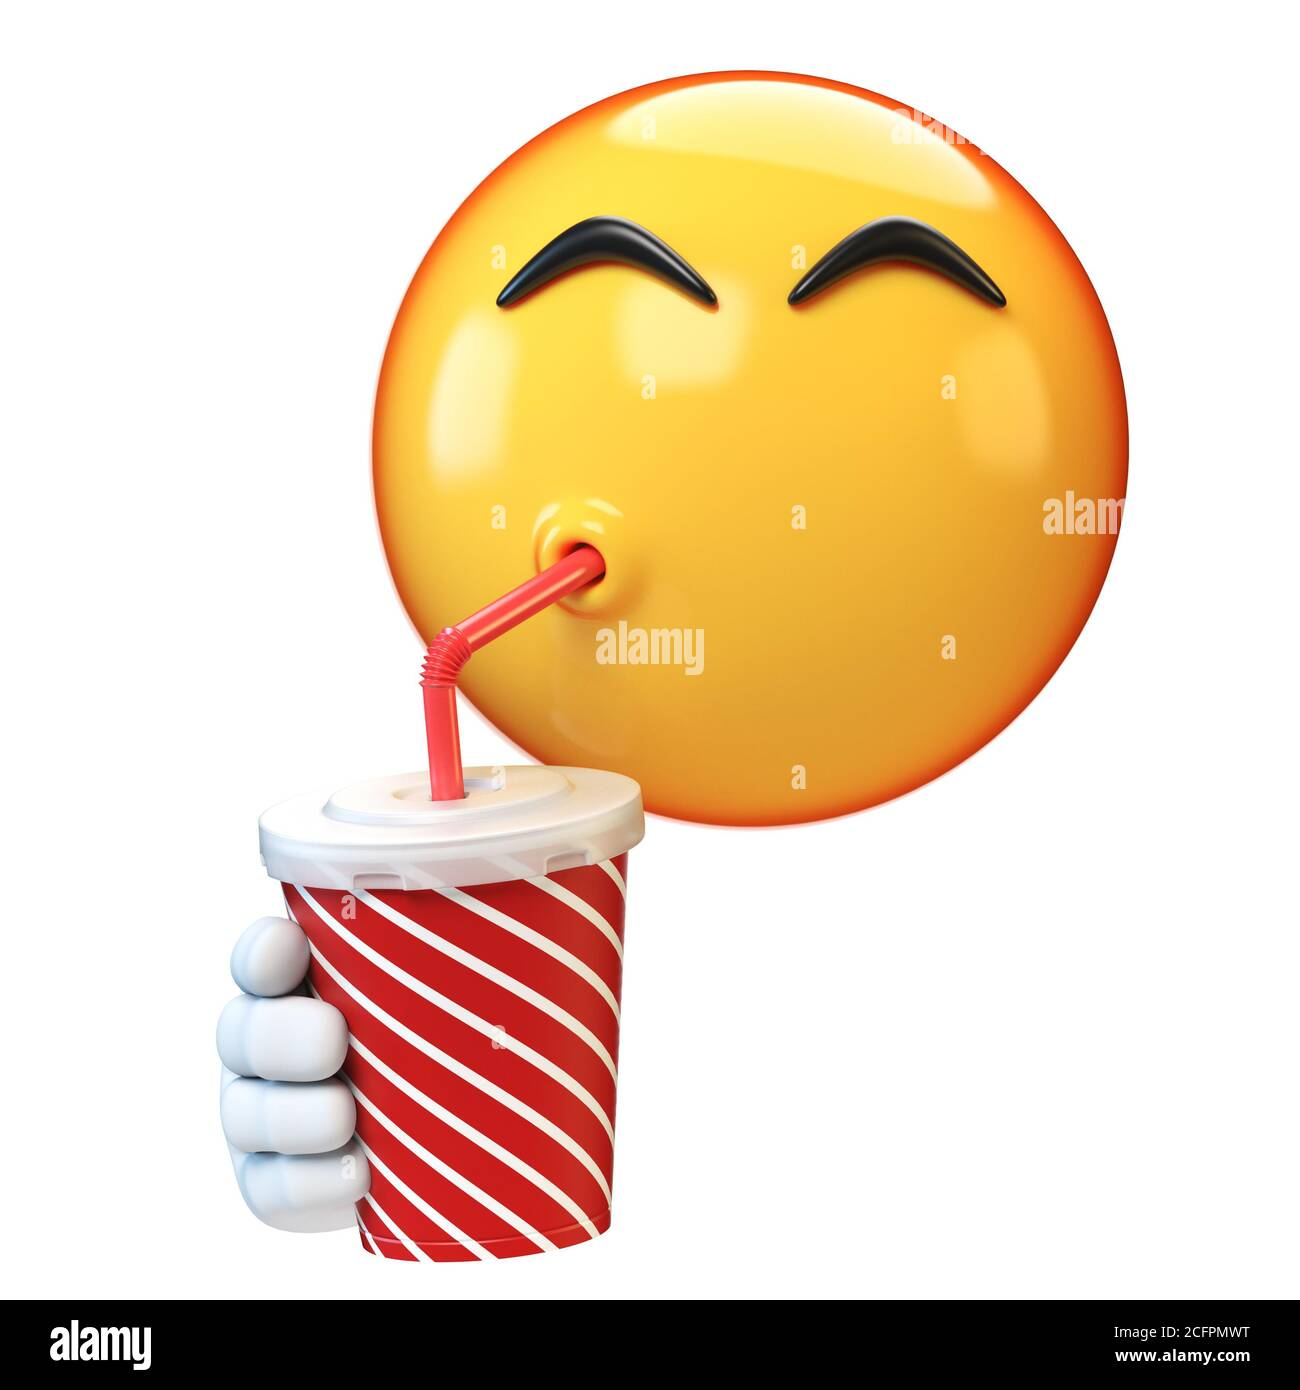 El árbol de Violetta. - Página 5 Emoji-bebiendo-soda-aislado-sobre-fondo-blanco-emoticono-sosteniendo-refresco-taza-3d-rendering-2cfpmwt